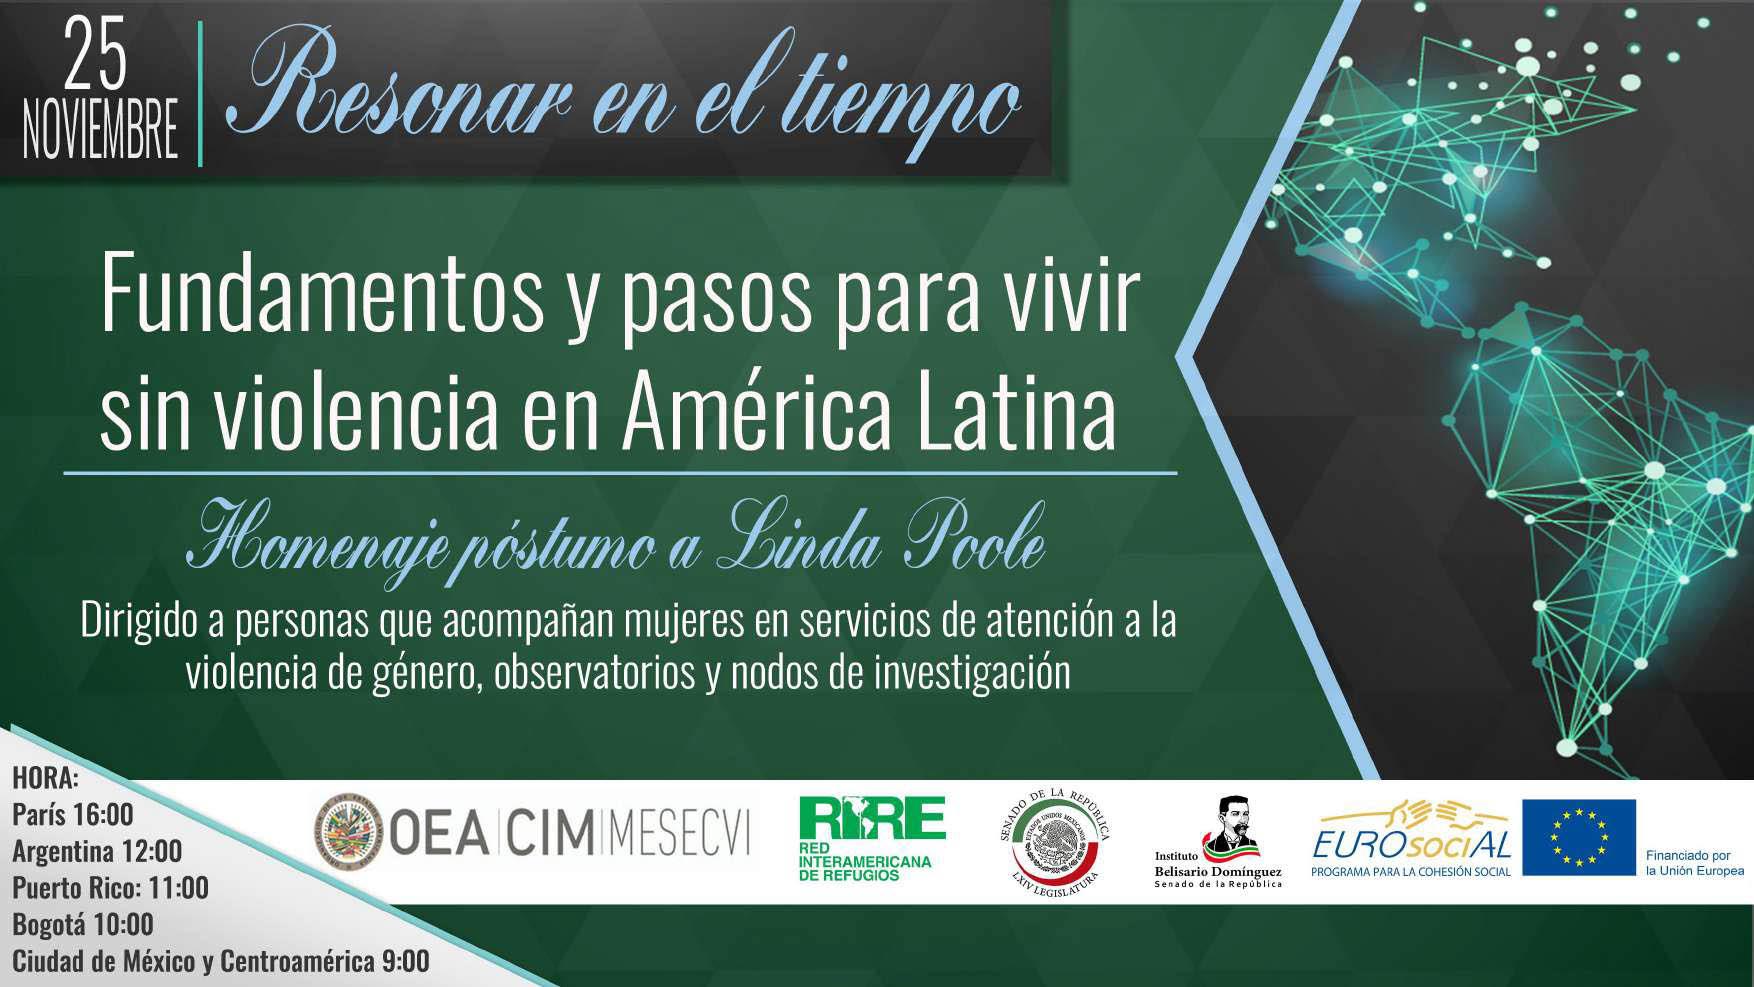 Resonar en el tiempo. Fundamentos y pasos para vivir sin violencia en América Latina